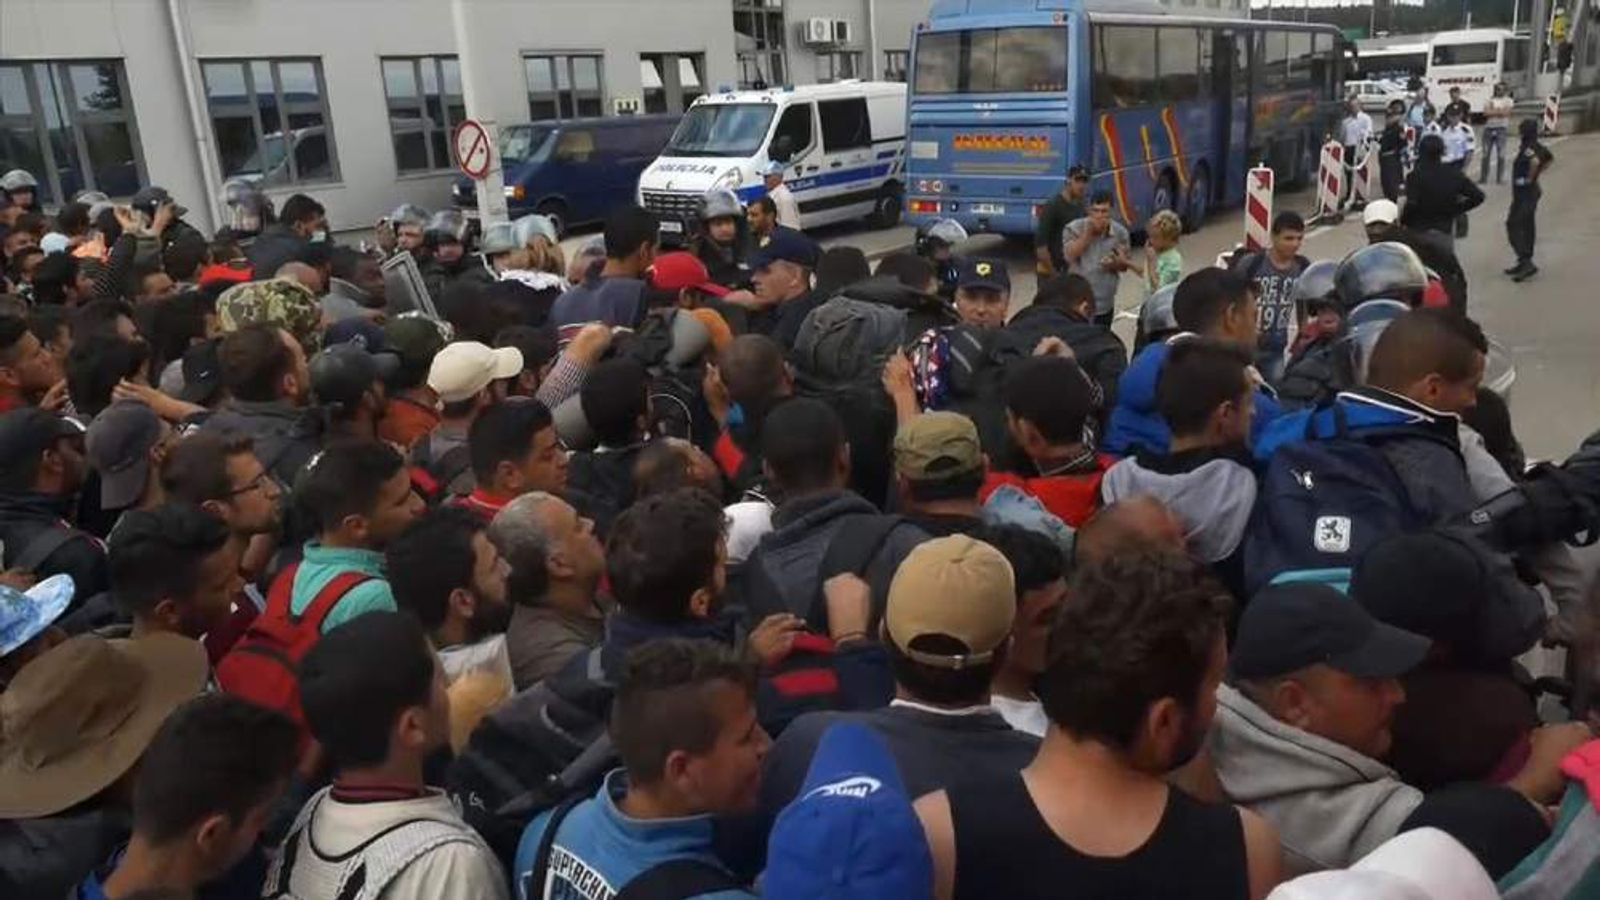 Chaos at Slovenian border